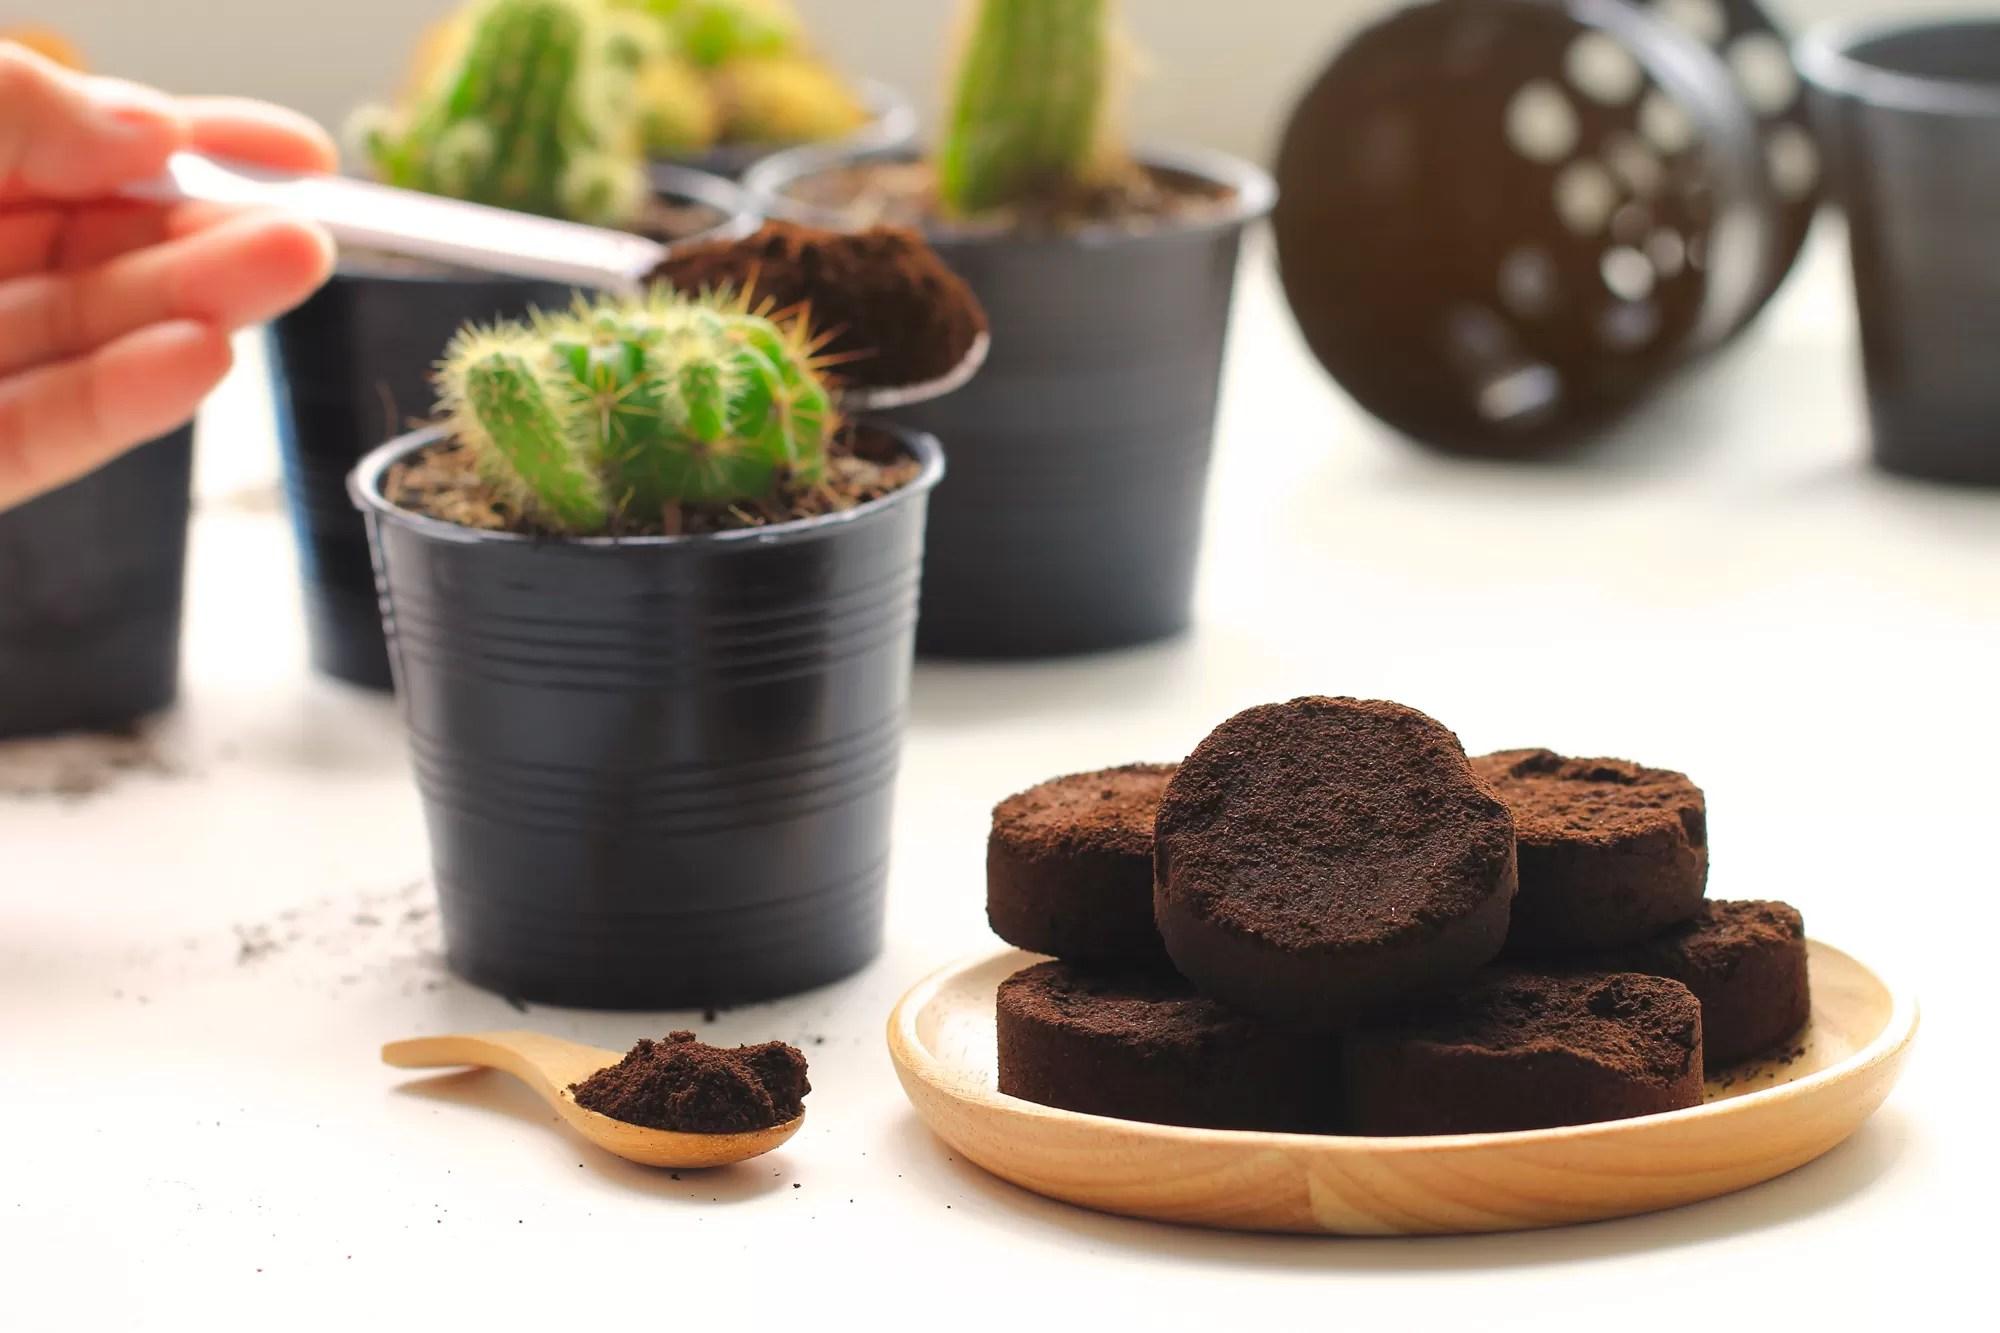 fondi caffè giardino: come utilizzarli come concime per piante da appartamento